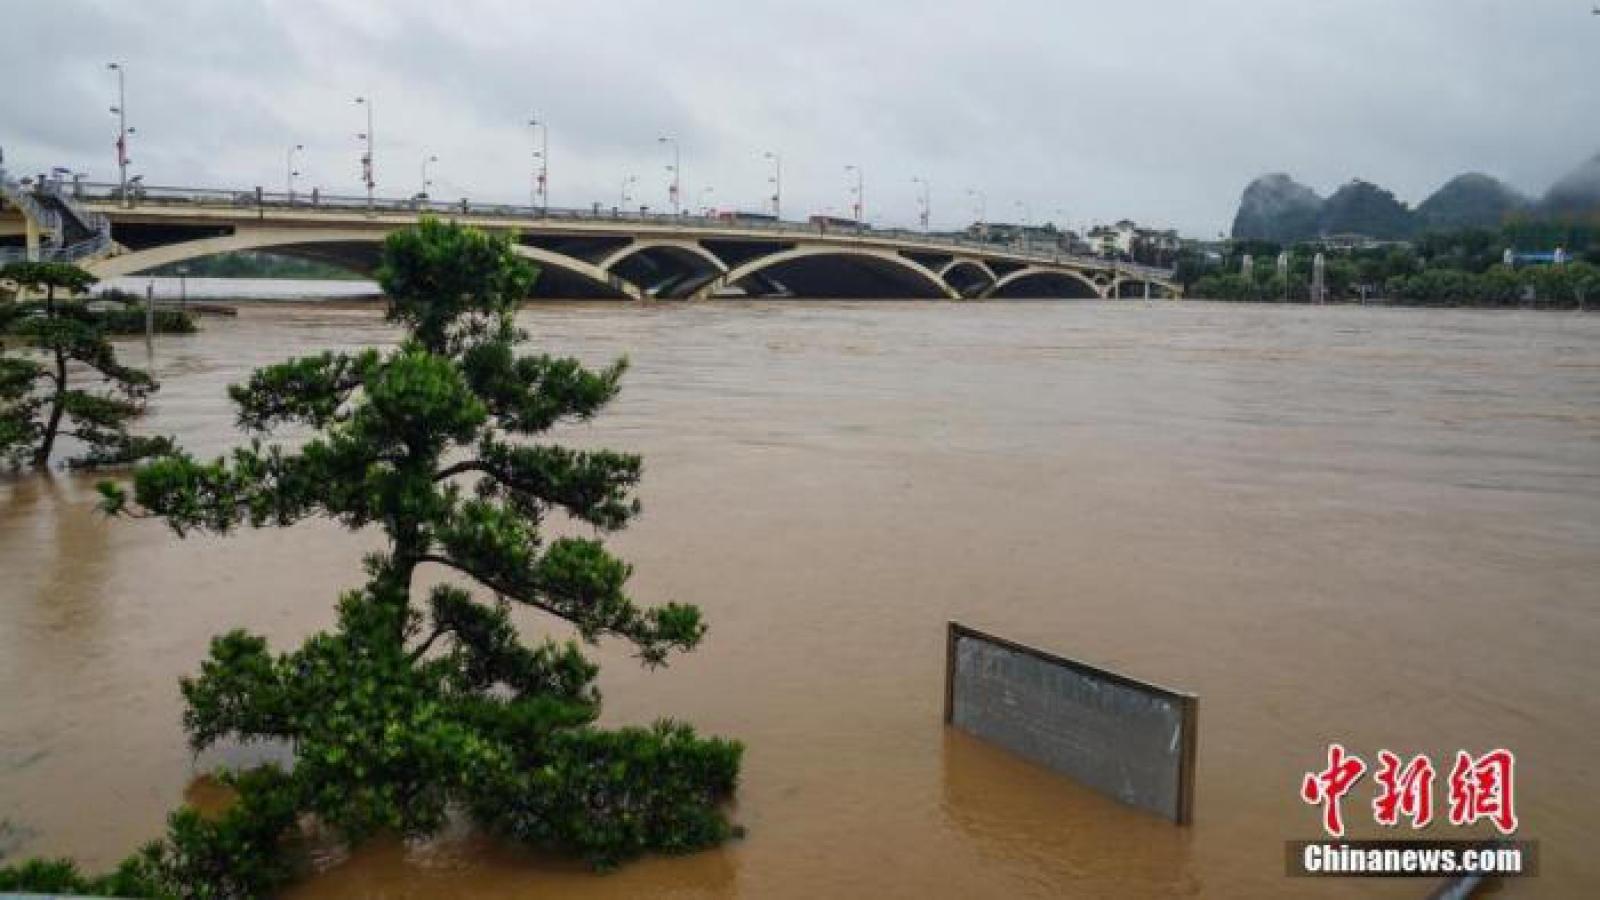 39 người thiệt mạng và mất tích trong mưa lũ tại miền Nam Trung Quốc